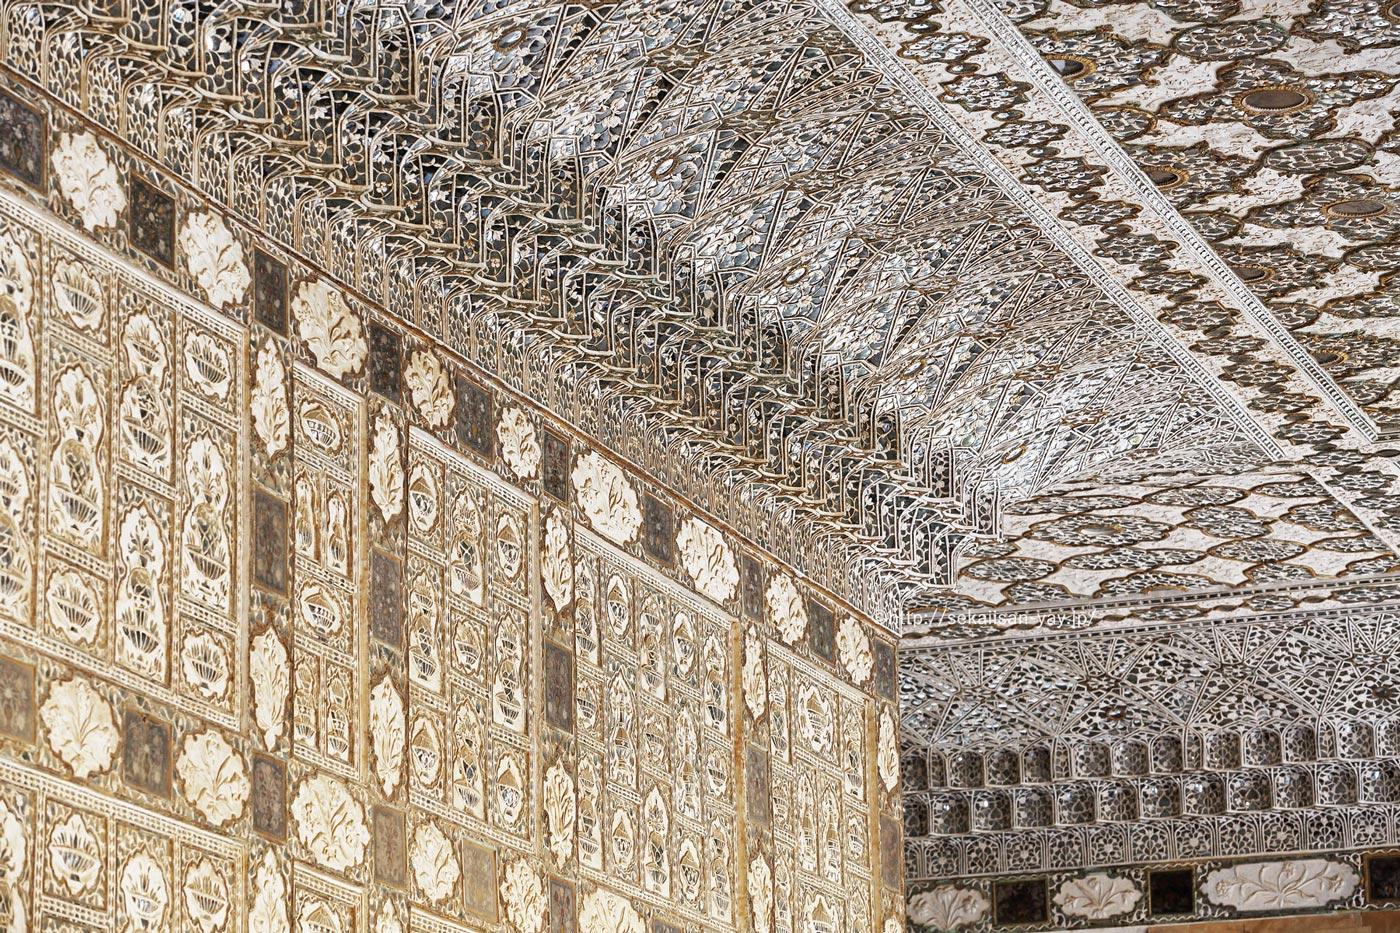 ラージャスターンの丘陵要塞群(ジャイプールのアンベール城)- 鏡の間(シーシュ・マハル)